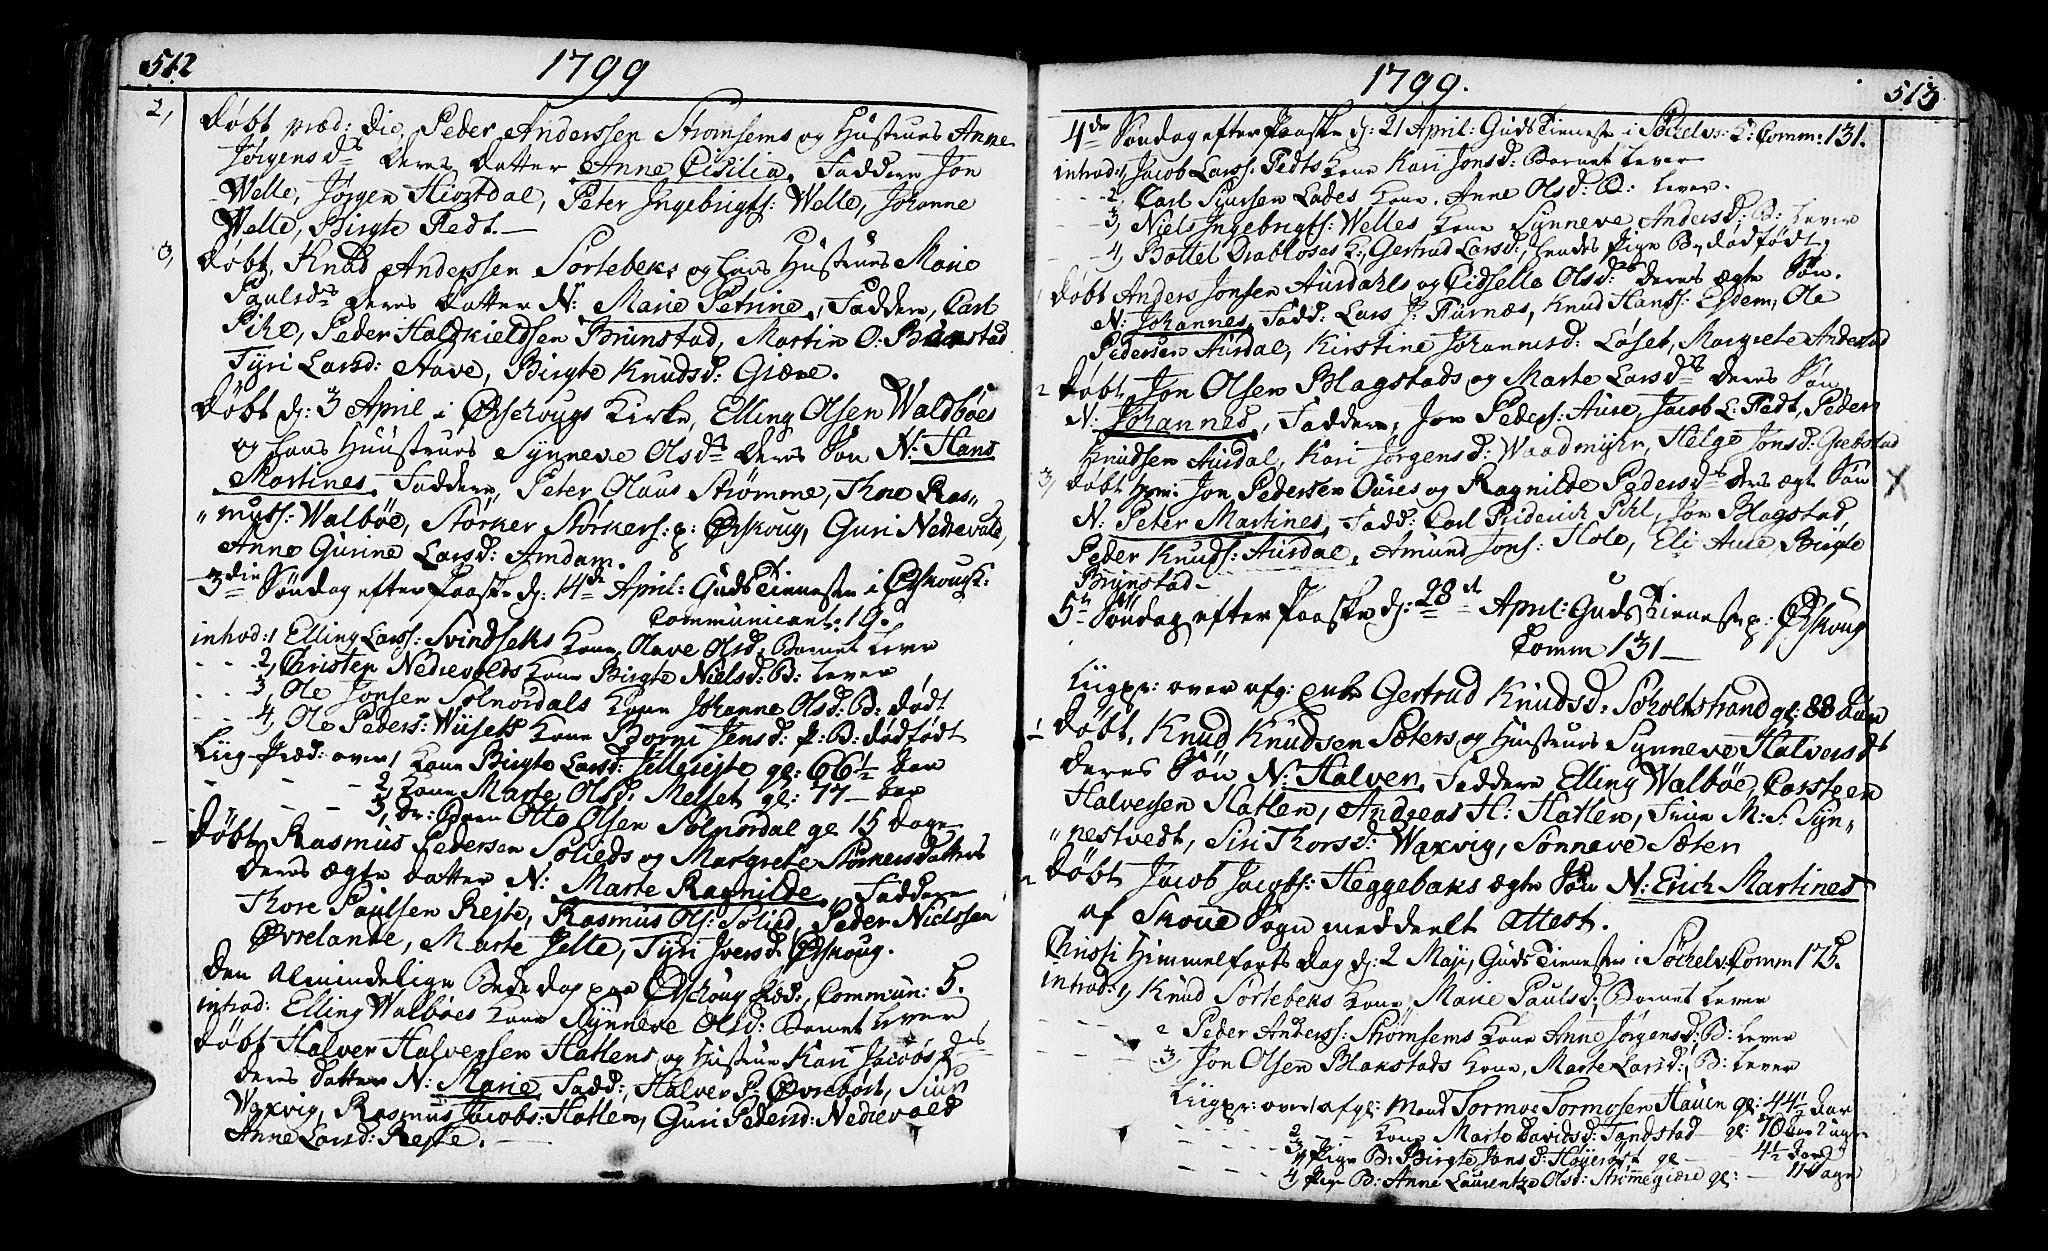 SAT, Ministerialprotokoller, klokkerbøker og fødselsregistre - Møre og Romsdal, 522/L0308: Ministerialbok nr. 522A03, 1773-1809, s. 512-513